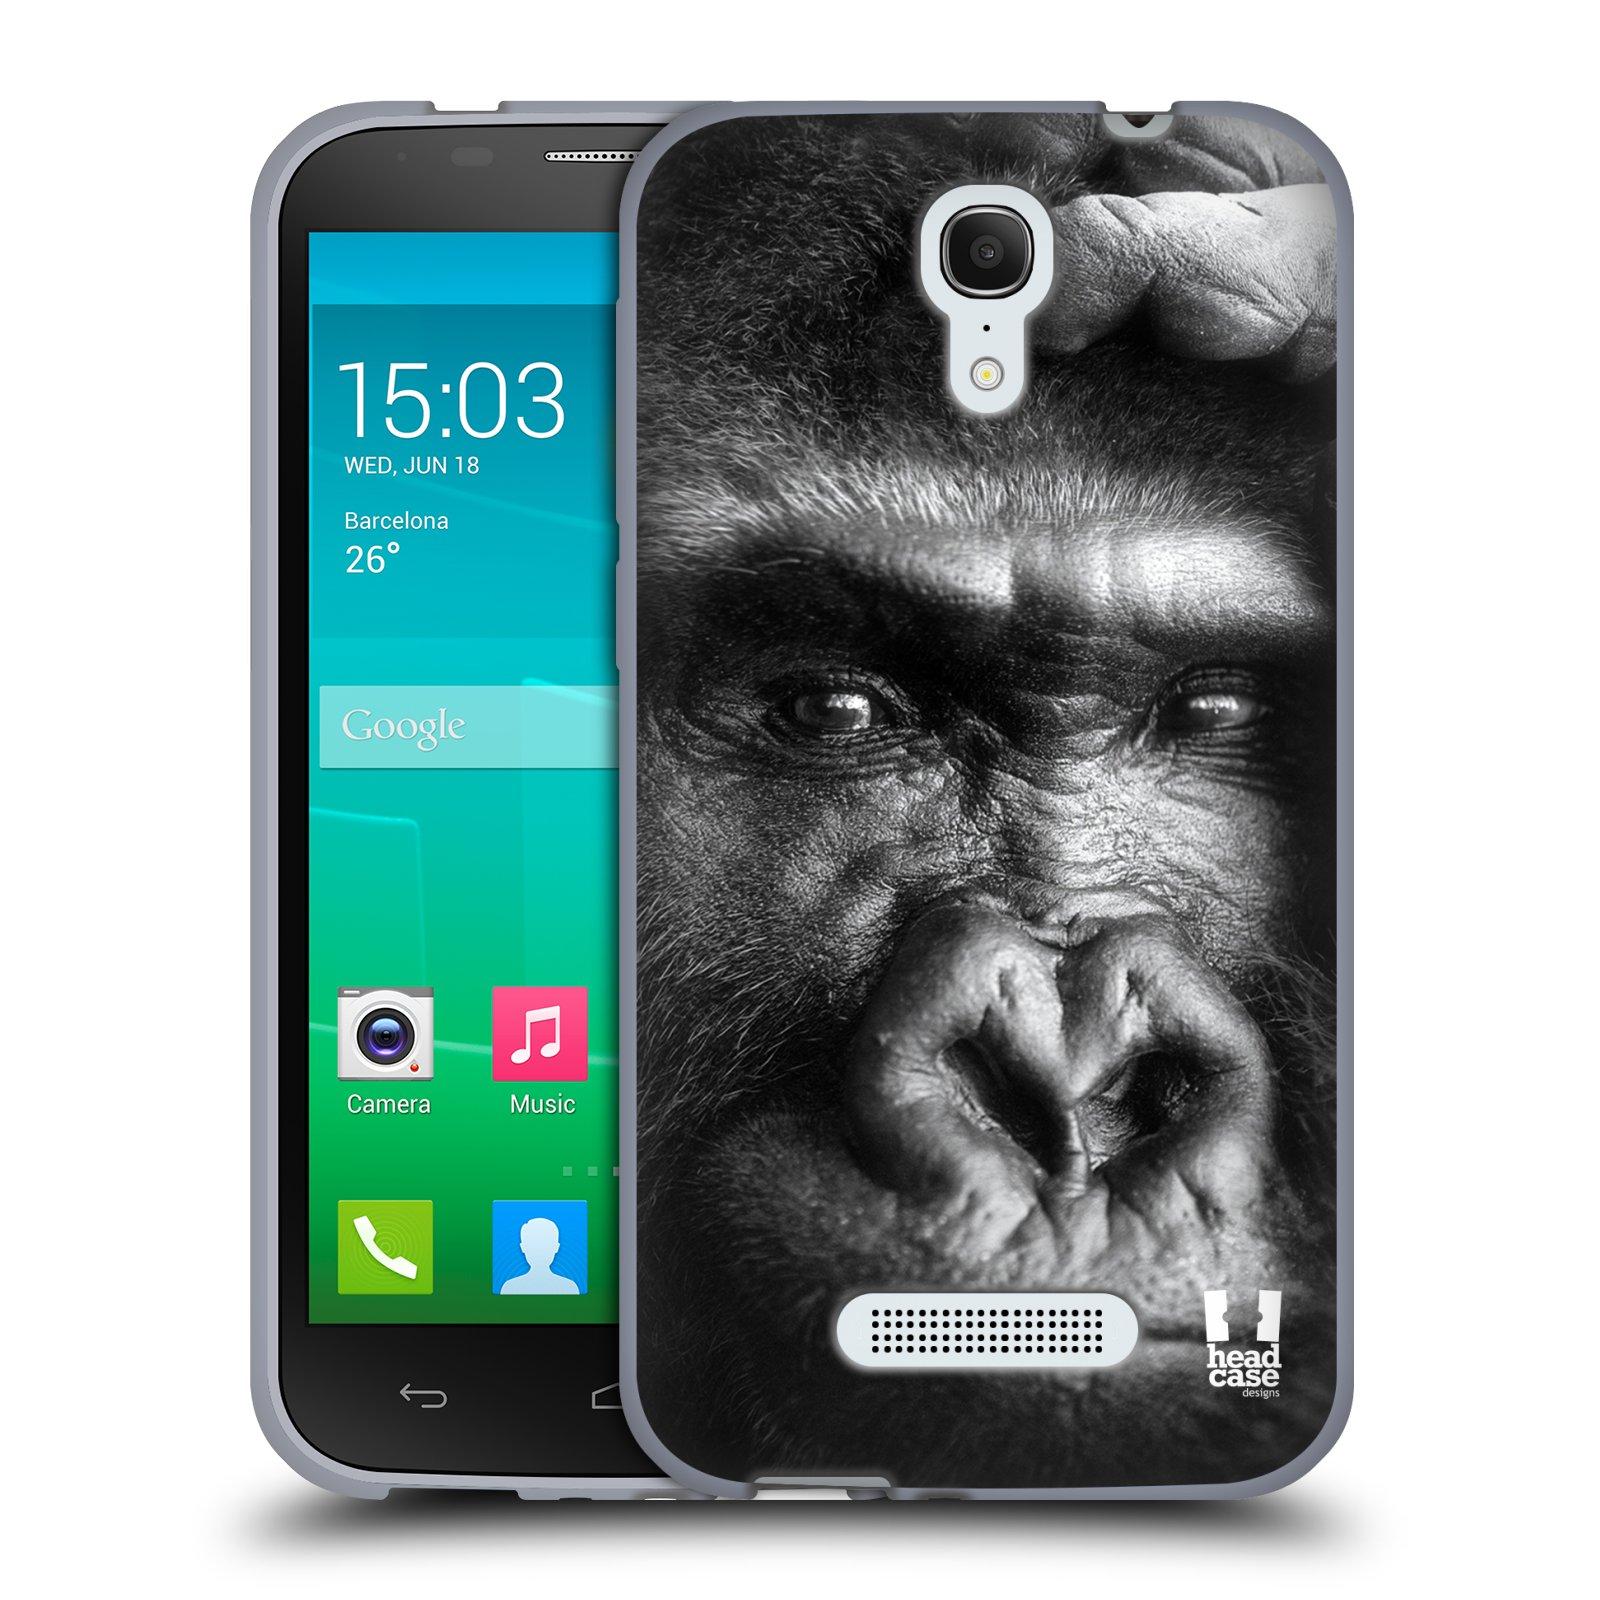 HEAD CASE silikonový obal na mobil Alcatel POP S7 vzor Divočina, Divoký život a zvířata foto GORILA TVÁŘ